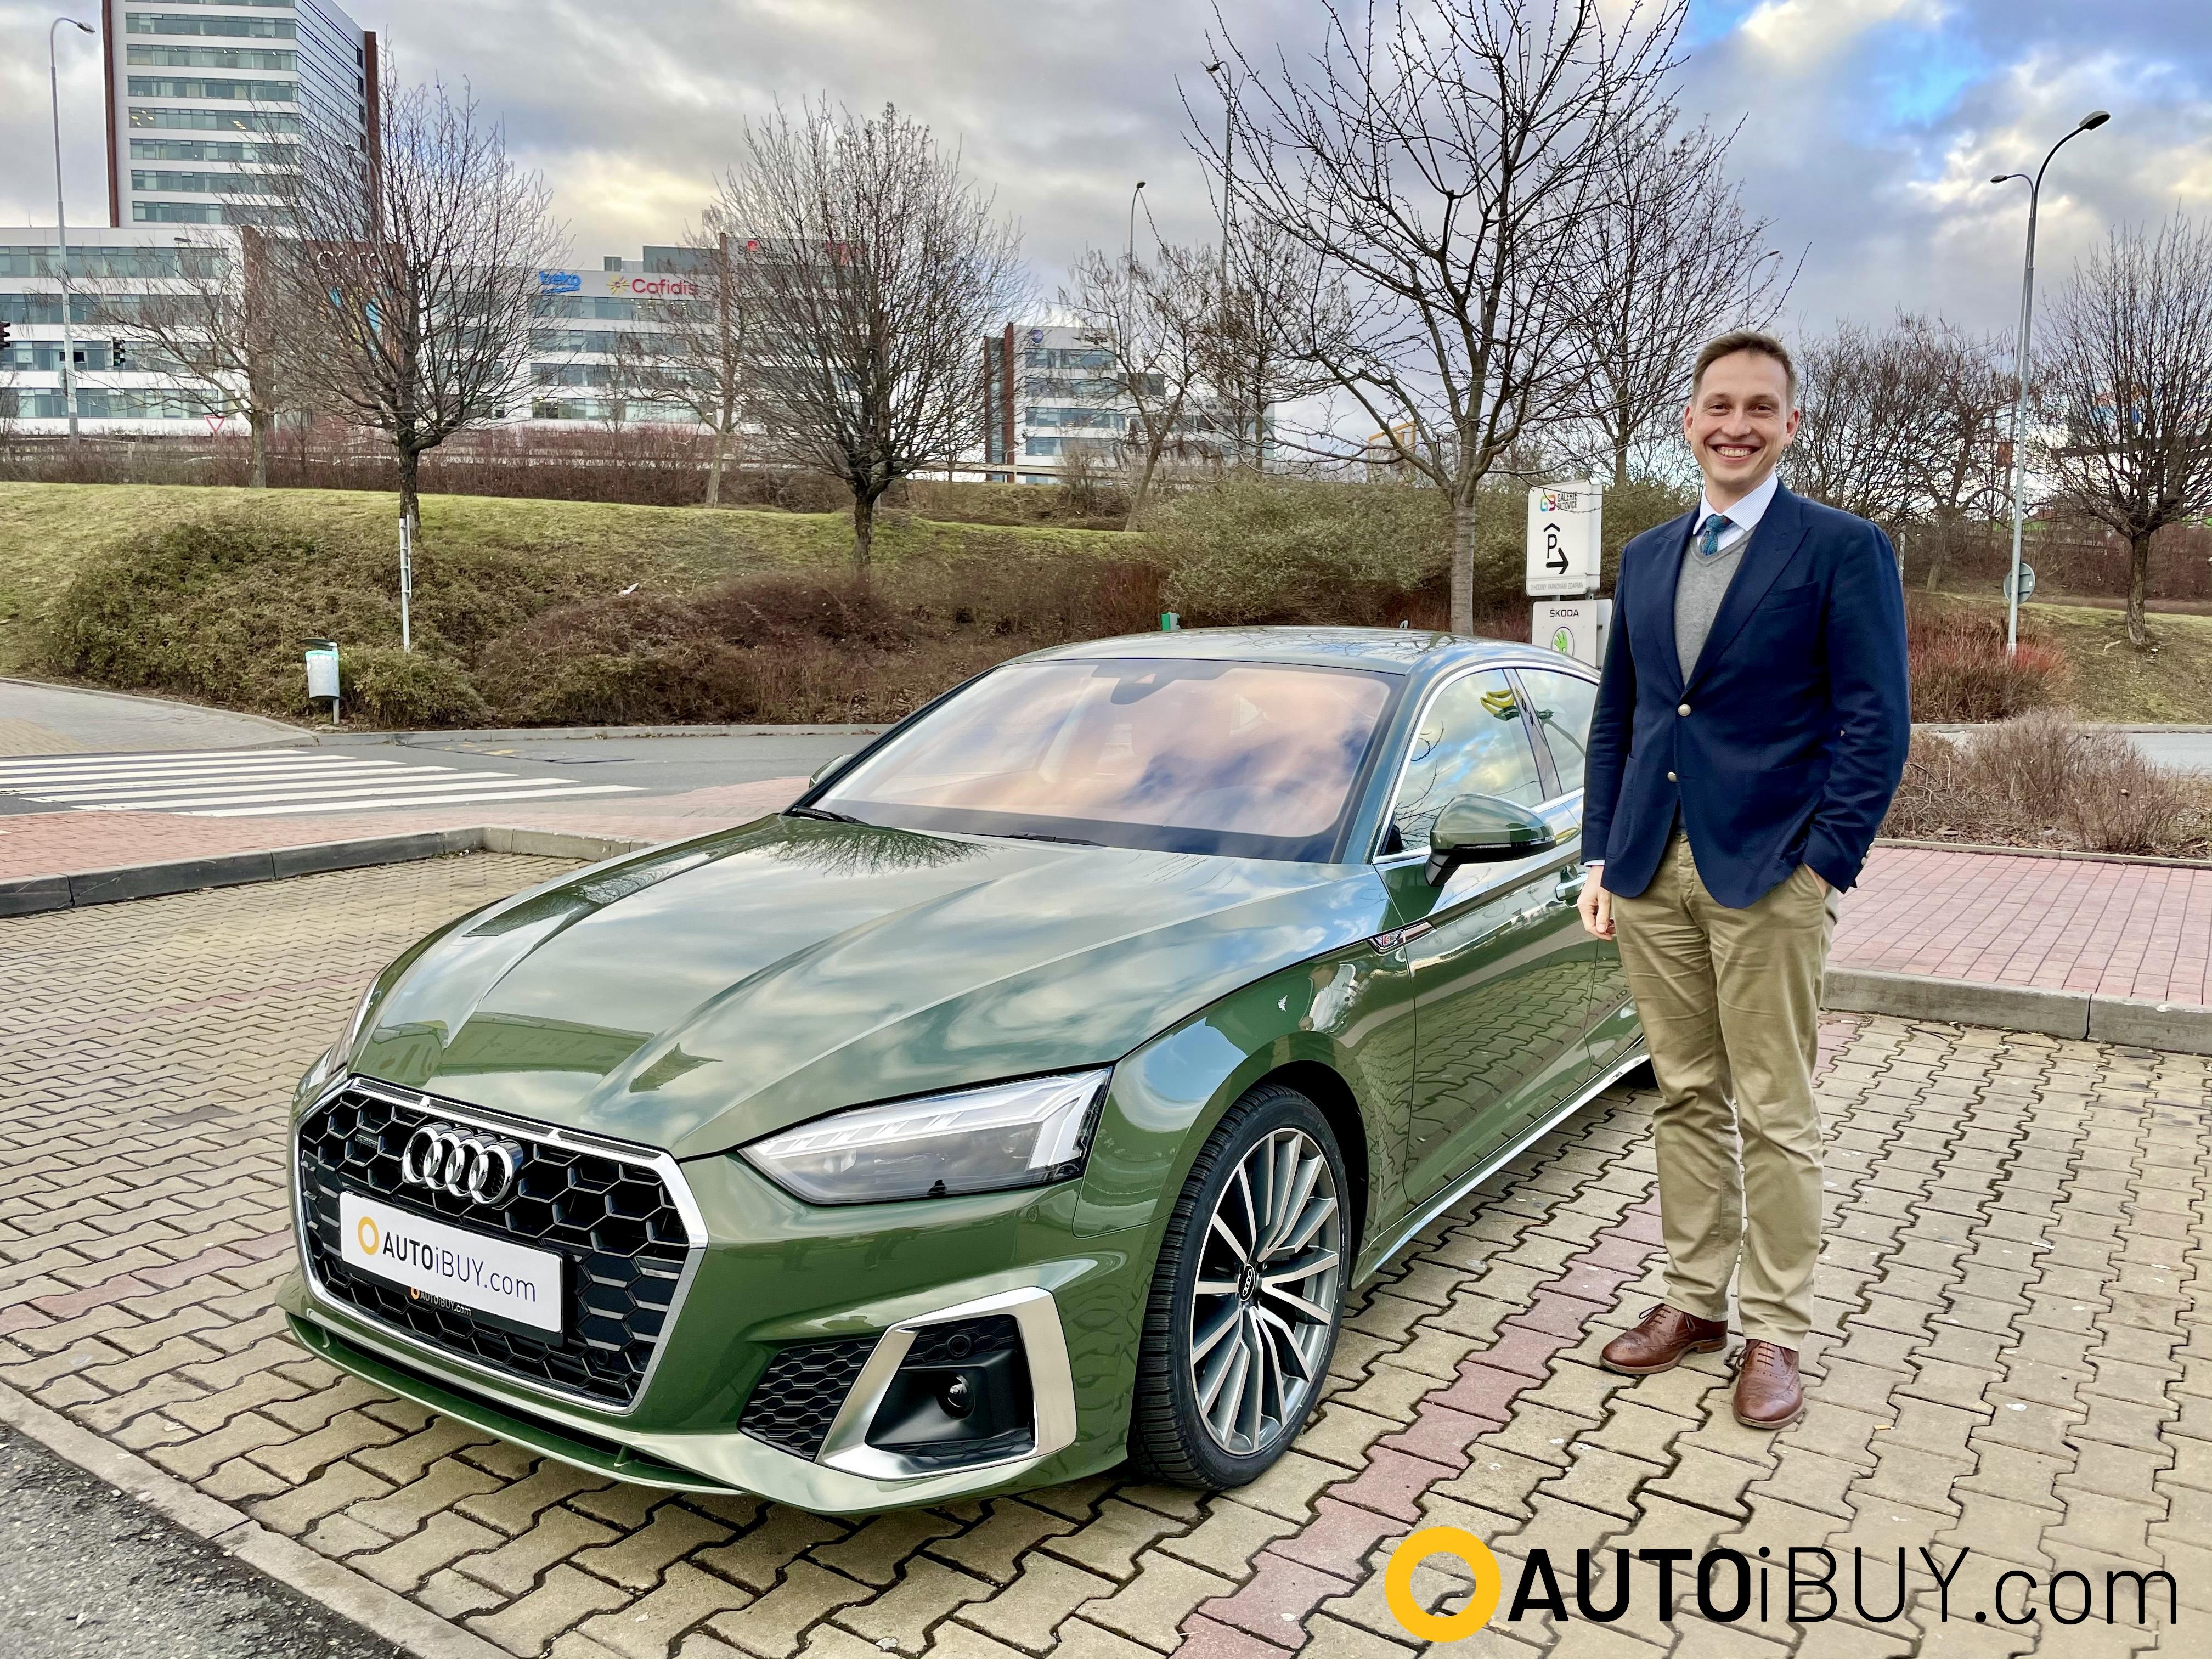 Audi A5 Sportback | fotka z předání | reference | nové 4-dveřové sportovní coupé